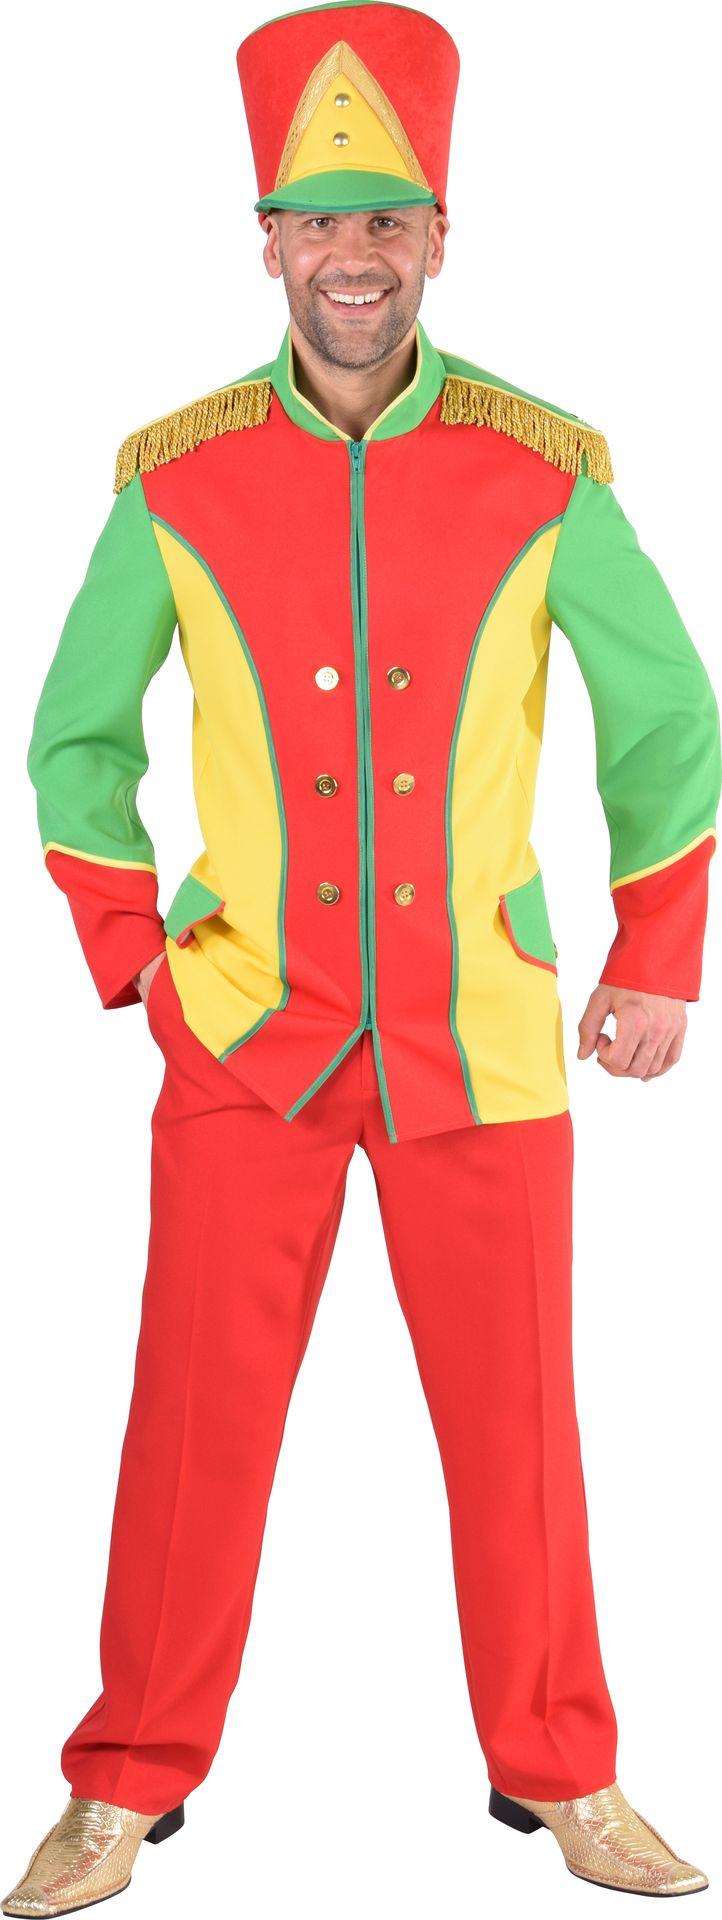 Fanfare jas rood, geel en groen mannen | Feestkleding.nl